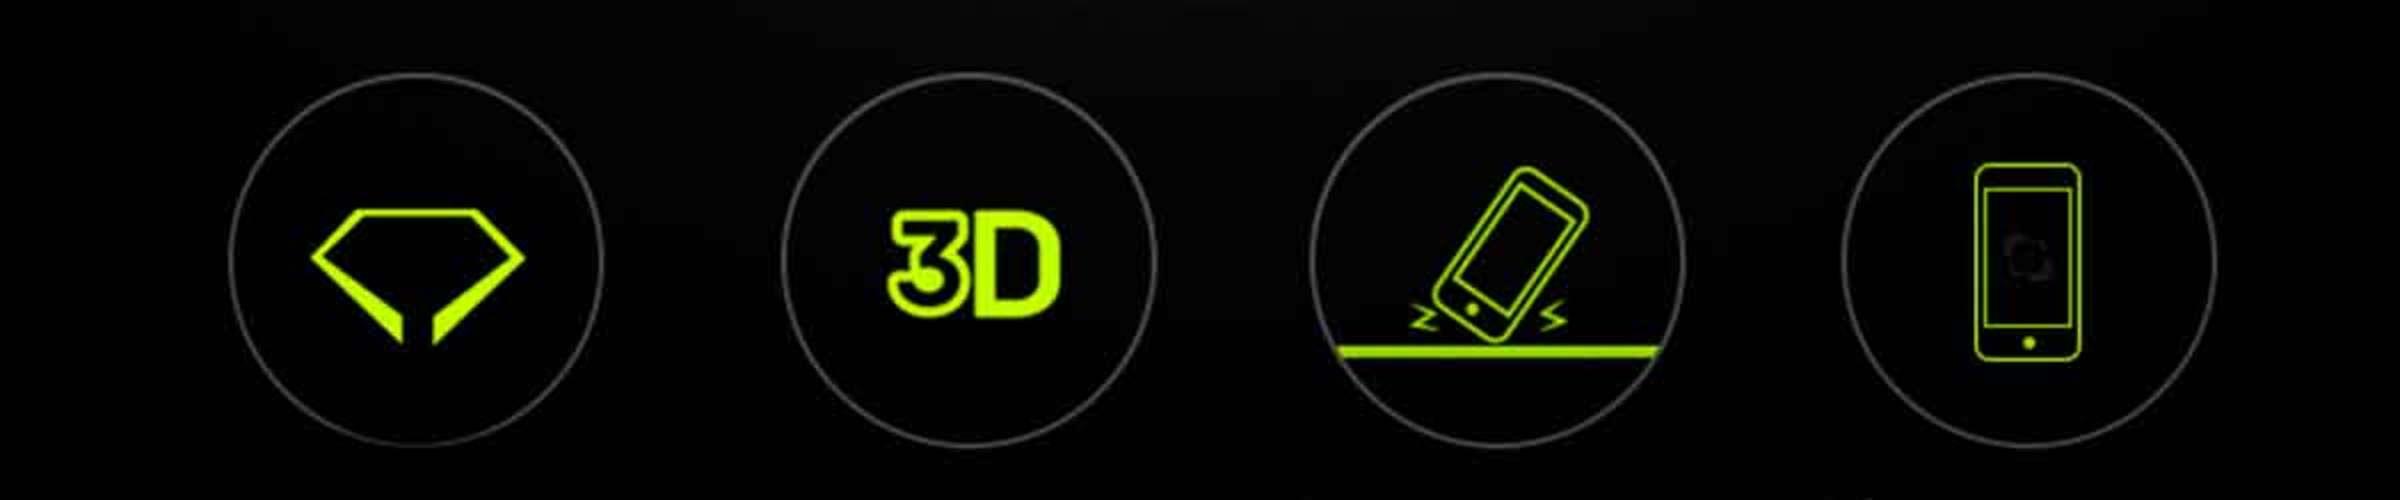 Защитное стекло на iPhone 7/8. Обзор сапфировой серии от Benks